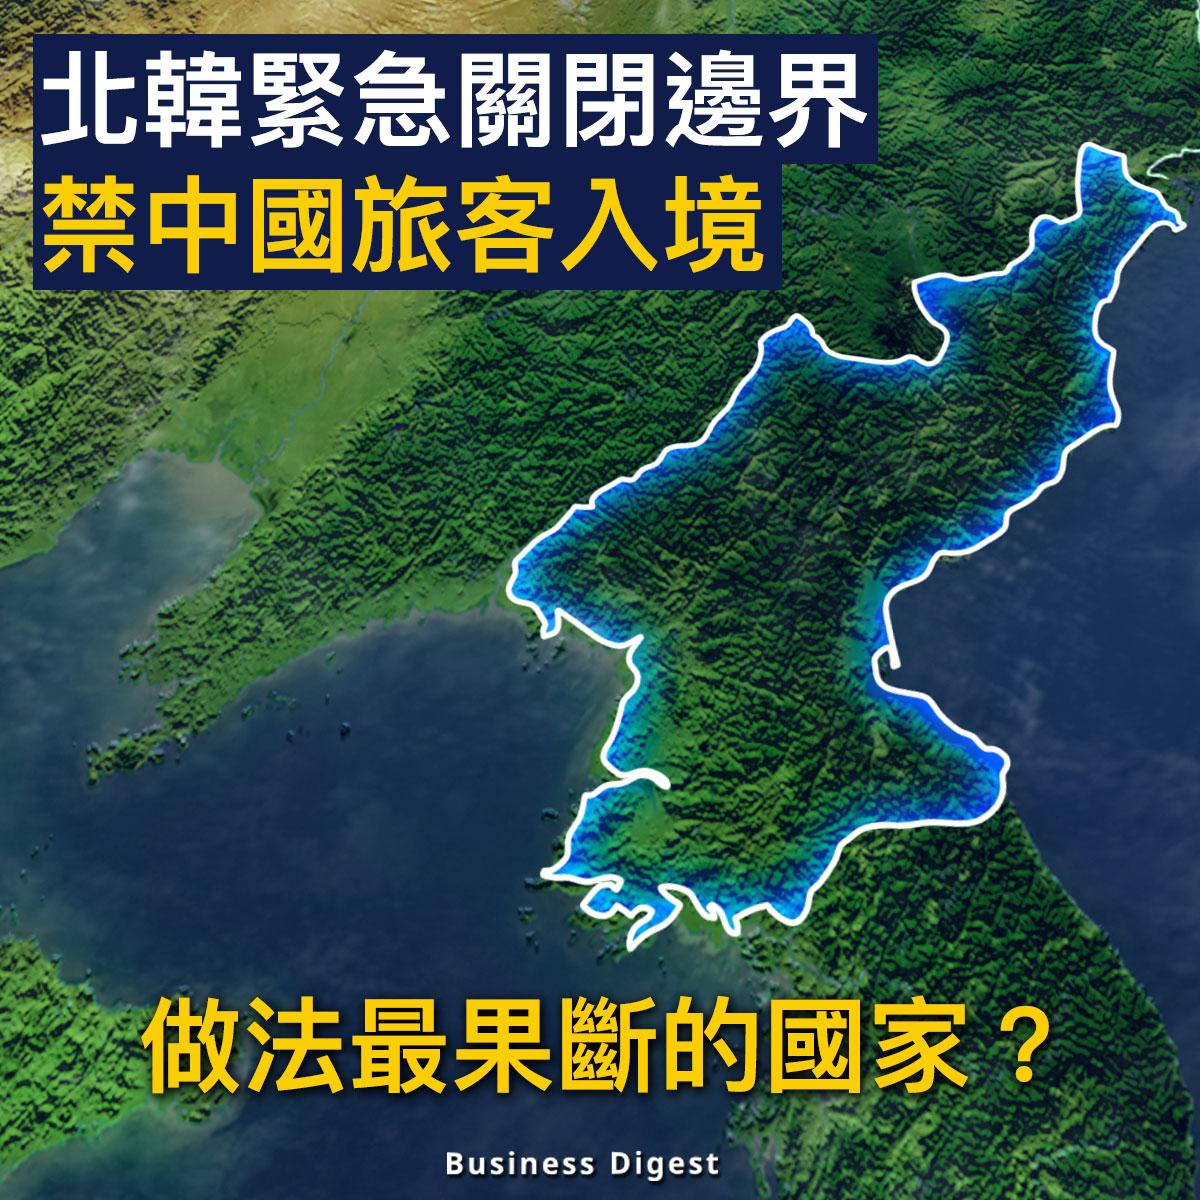 【商業熱話】北韓緊急關閉邊界,禁中國旅客入境